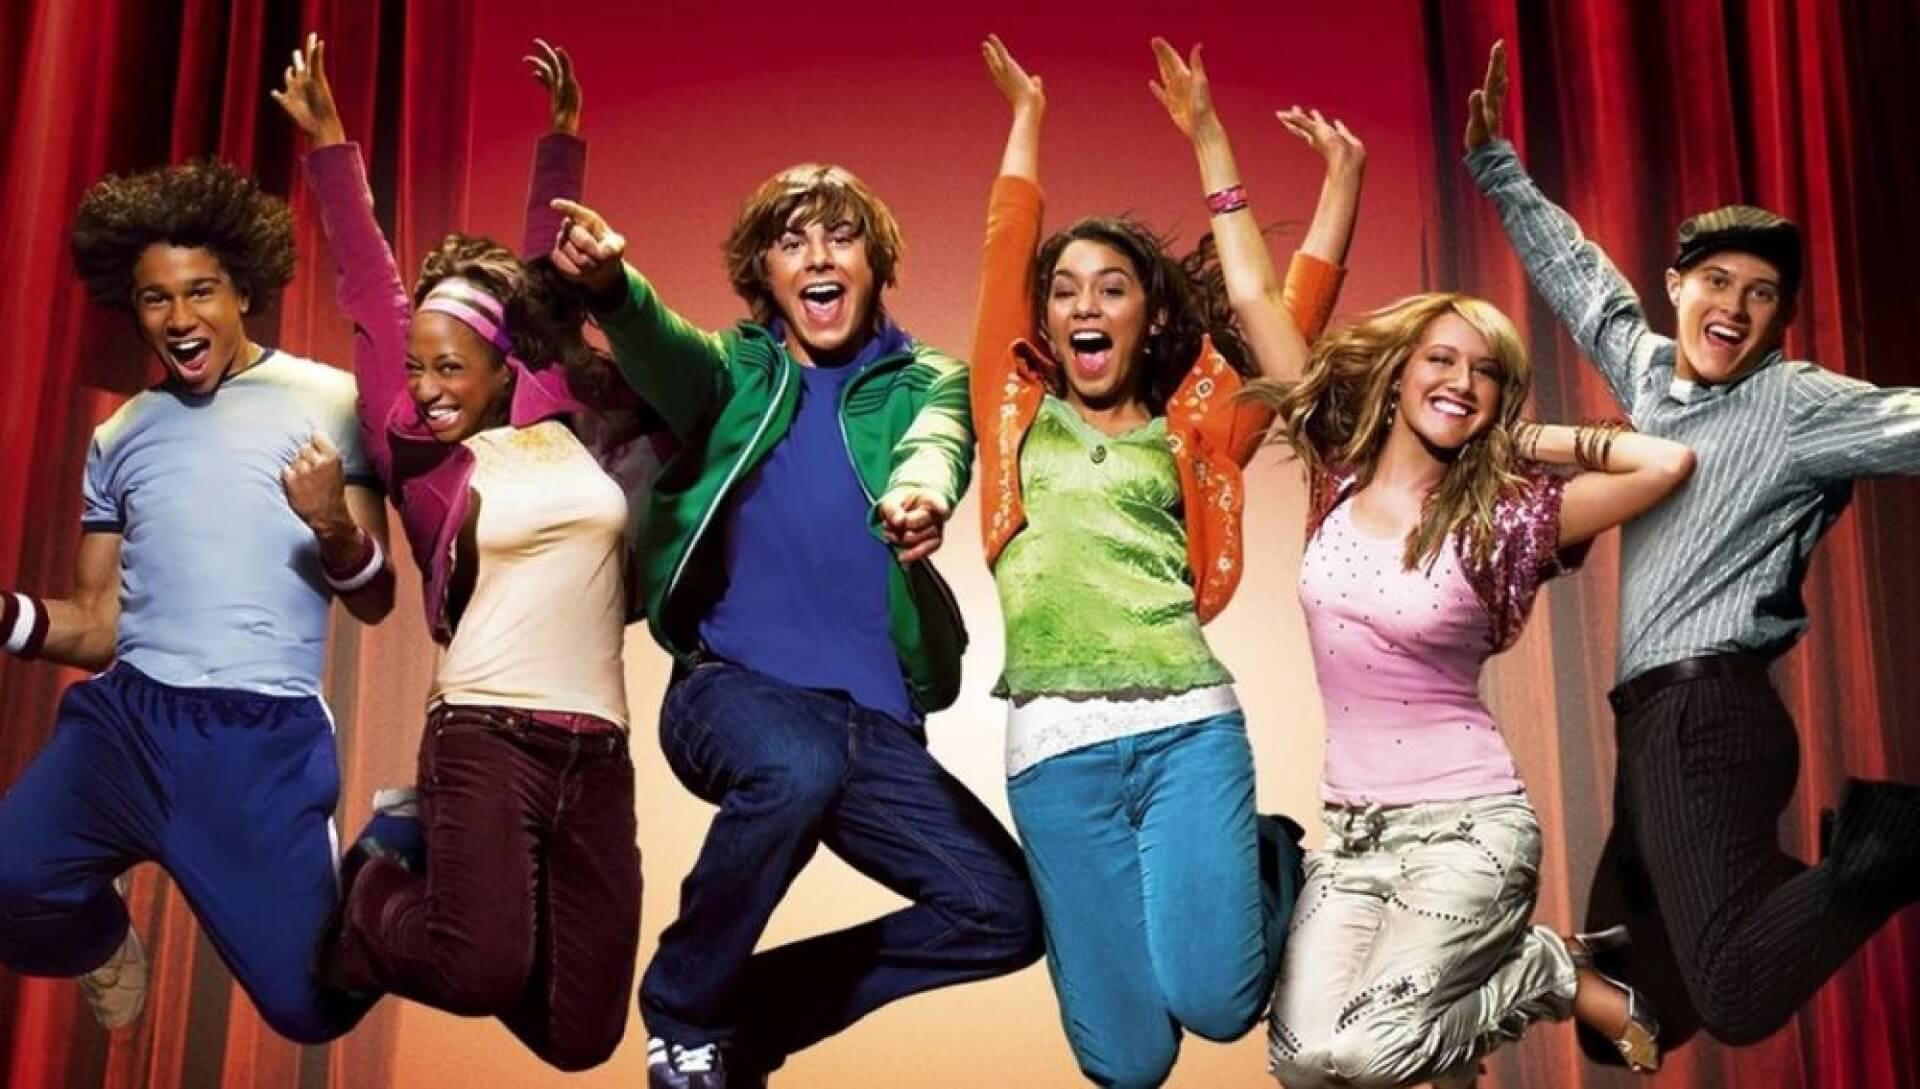 High School Musical, una de las películas musicales para adolescentes más aclamada.